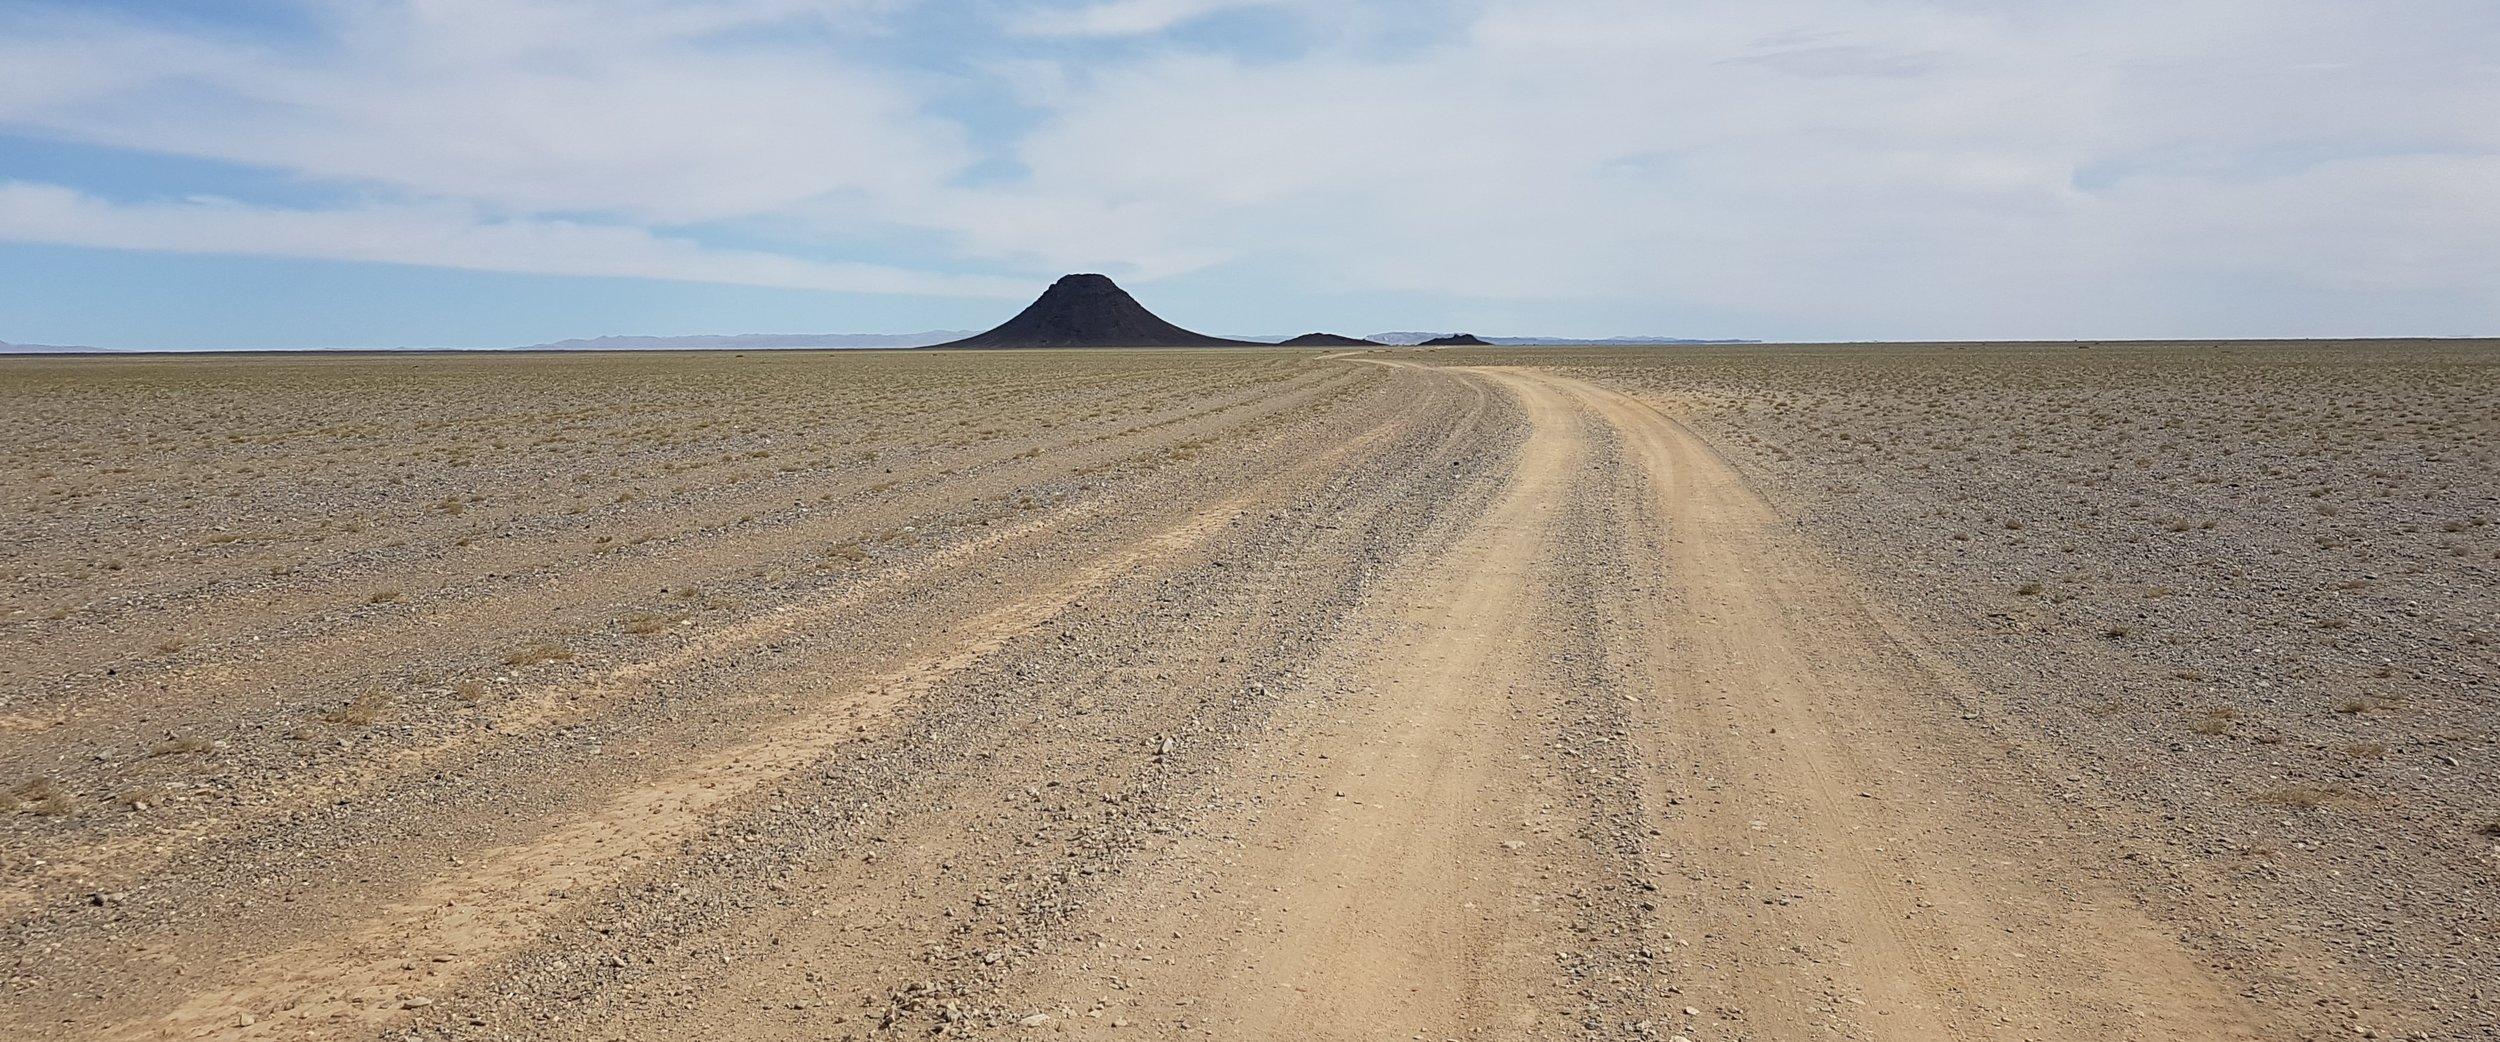 The Gobi Desert is some 2000 kilometres across